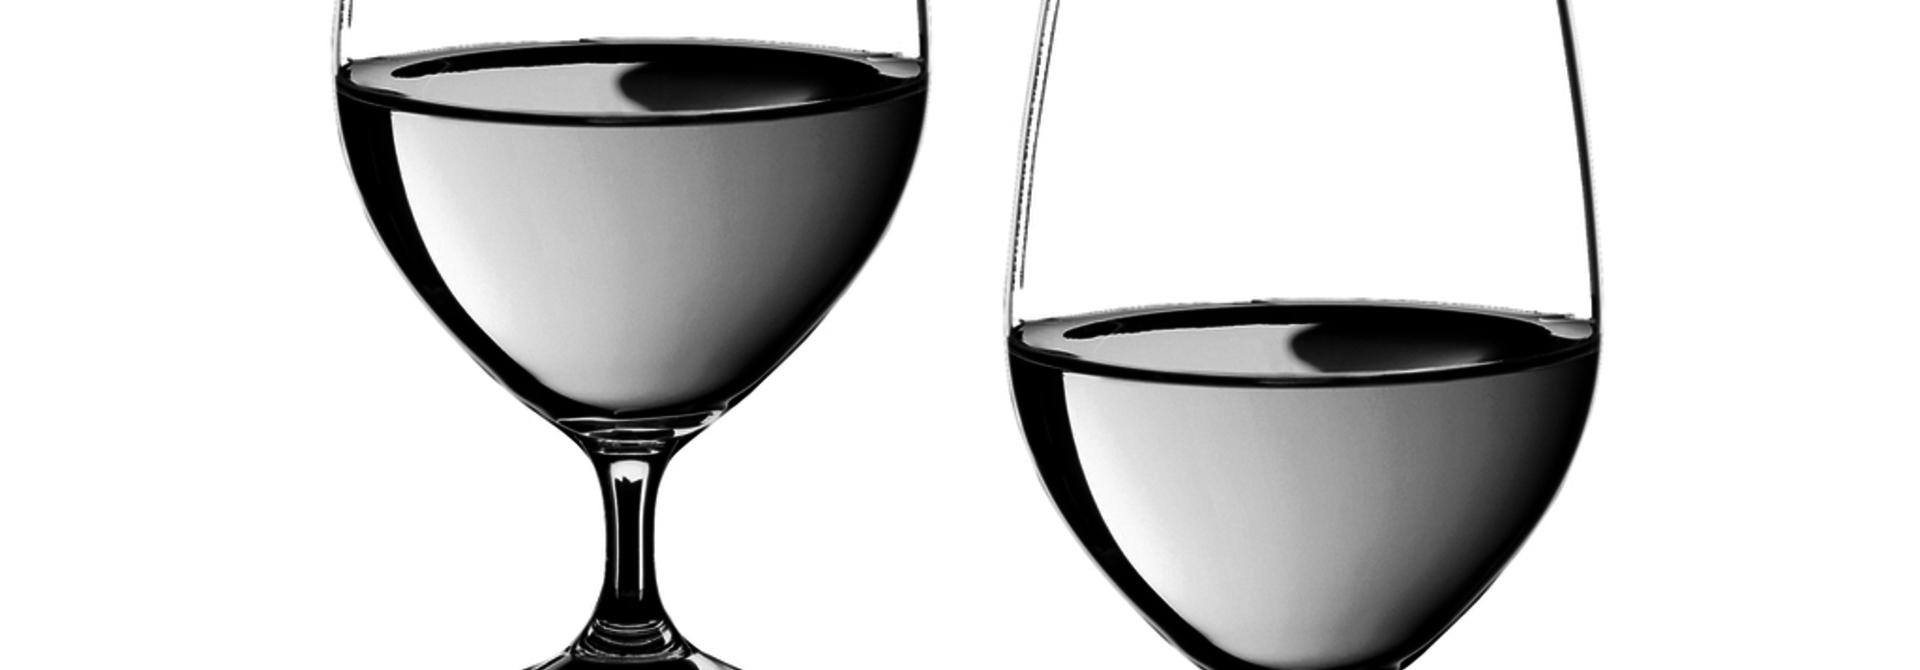 RIEDEL - Vinum Water Glasses Set 2 Pcs